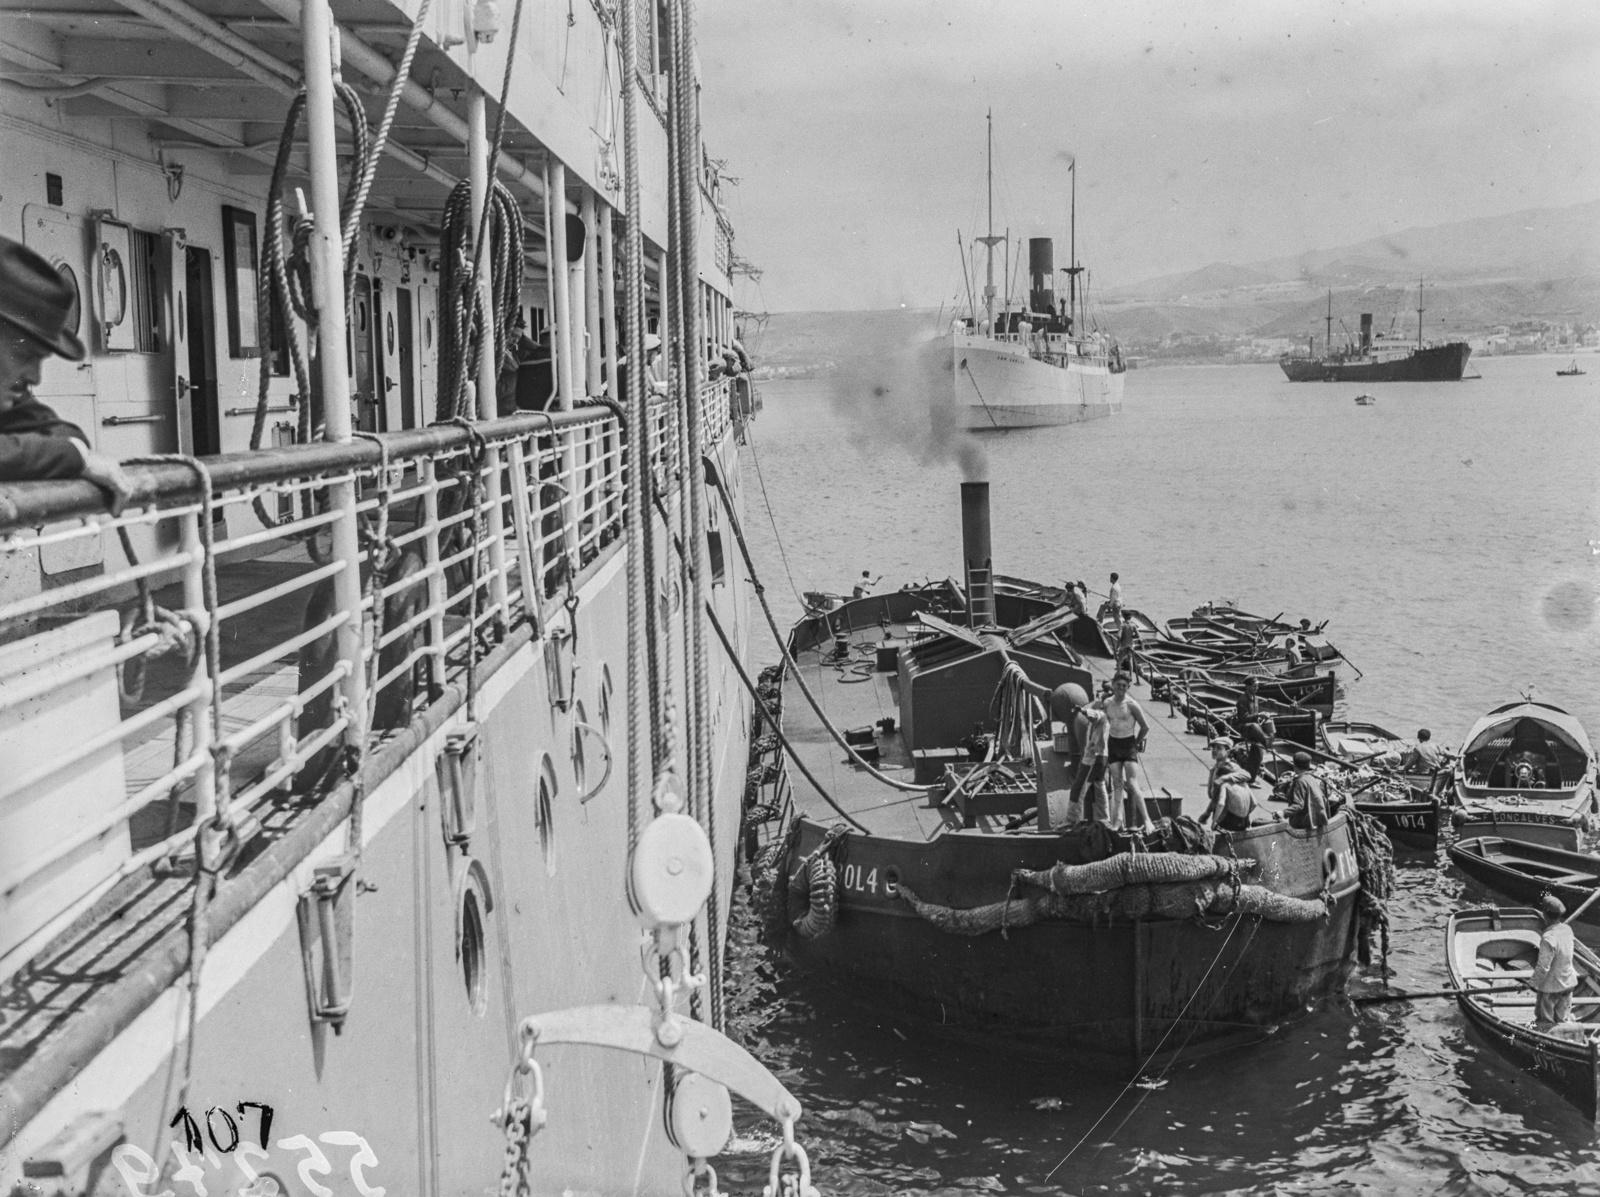 Канары. Лас-Пальмос. Вид с парохода «Усамбара» на танкер в порту